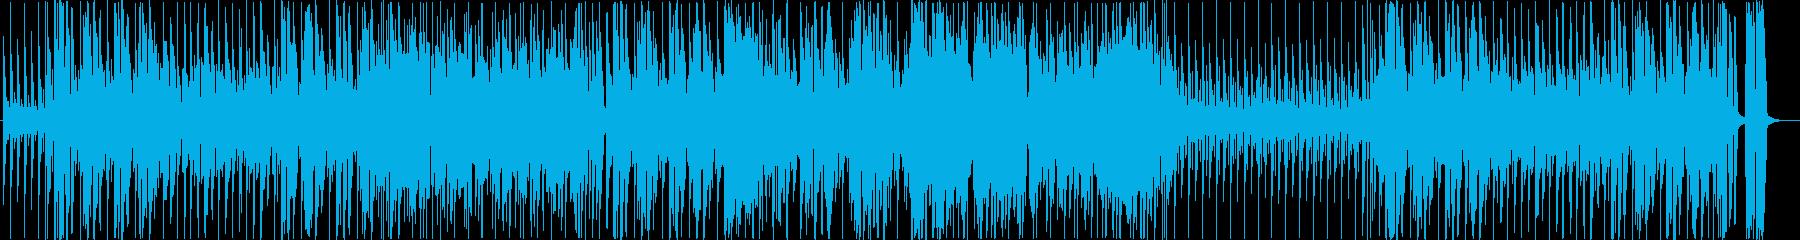 1970年代または80年代前半のサ...の再生済みの波形